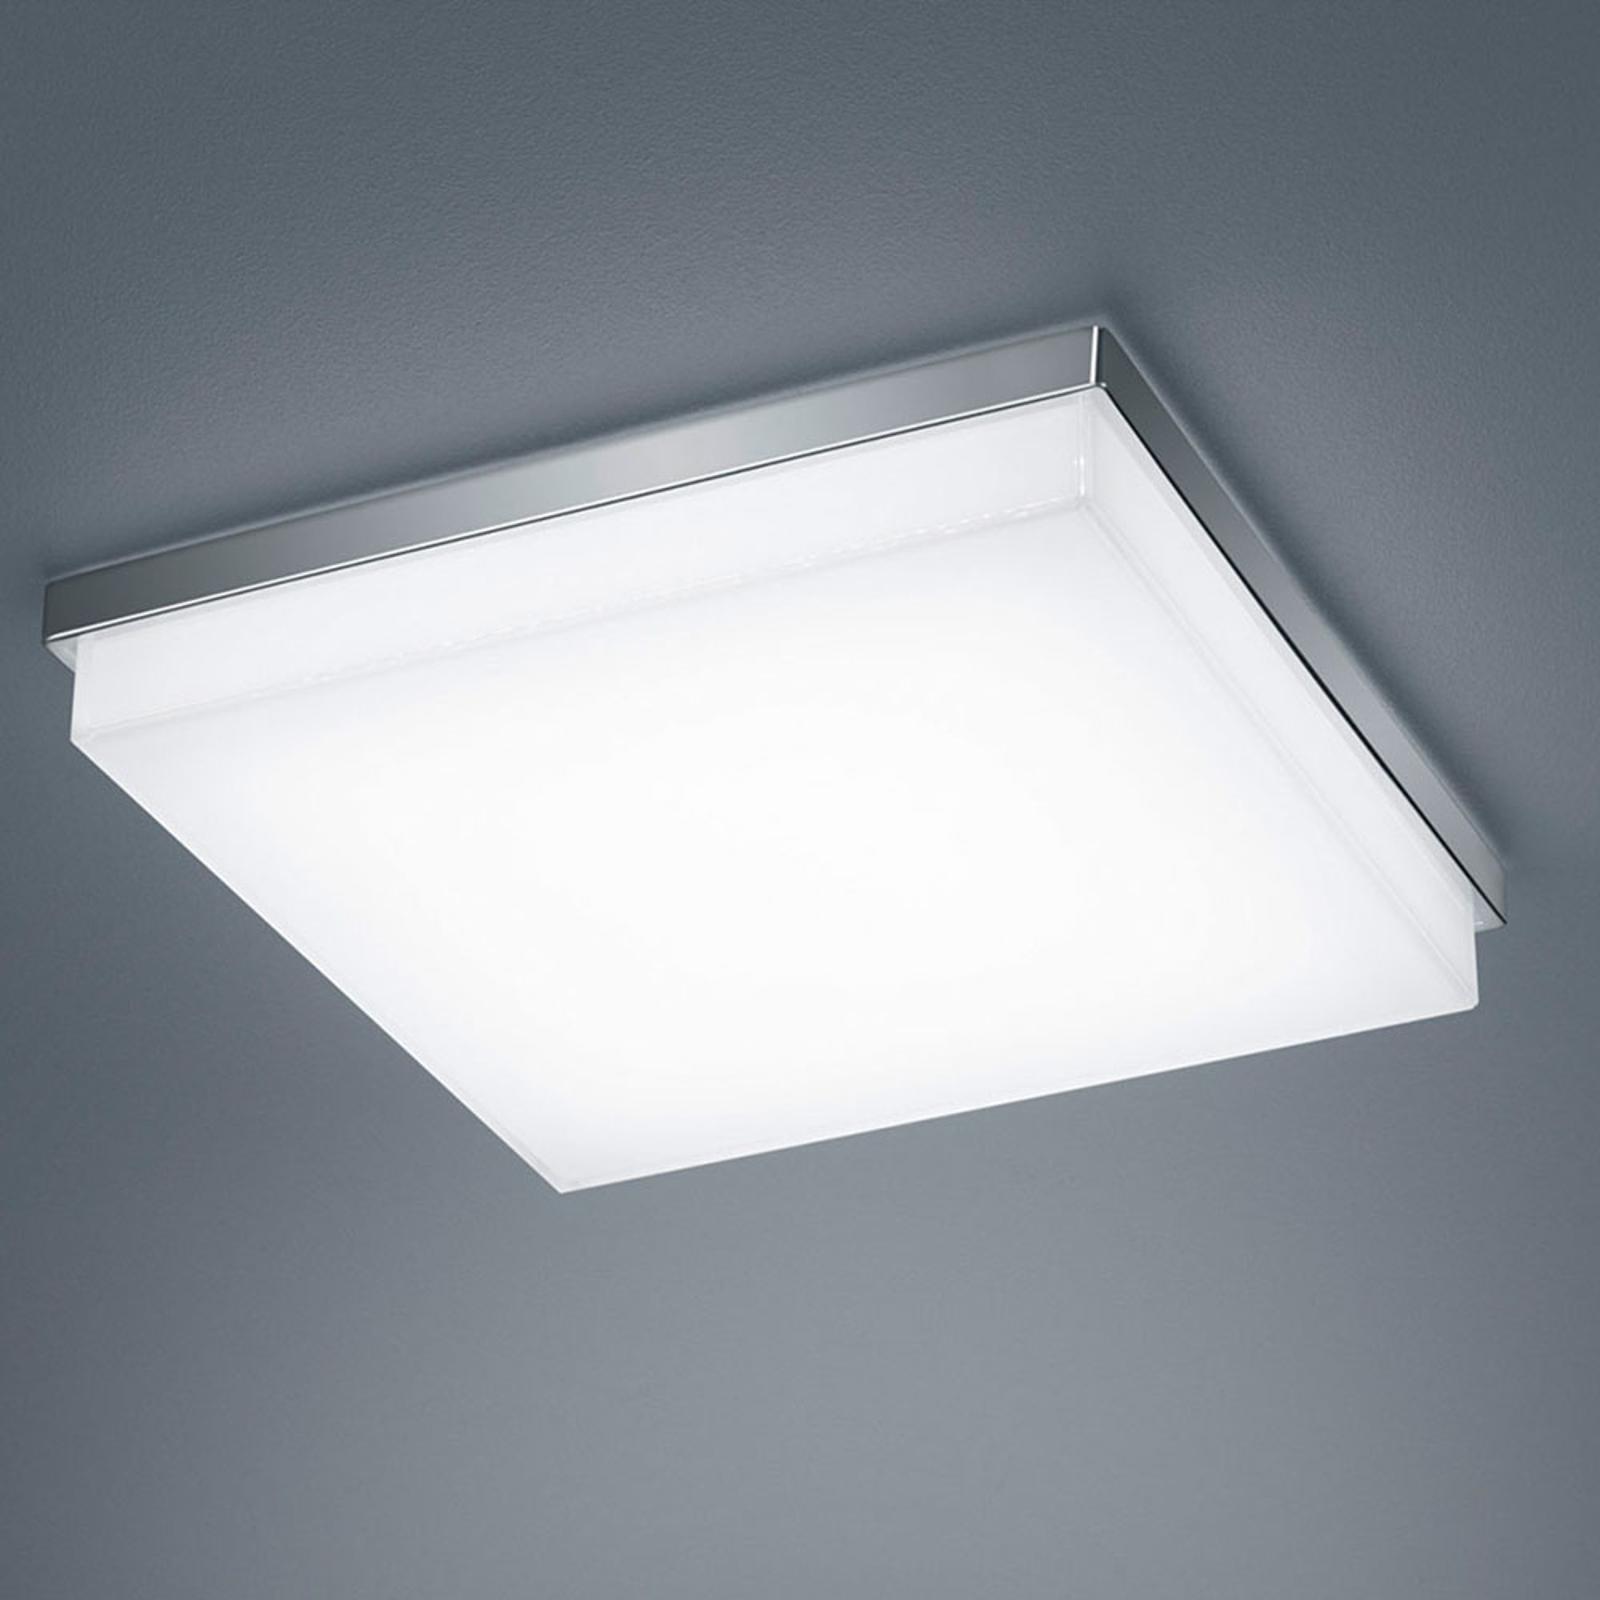 Helestra Cosi lampa sufitowa LED chrom 31,5x31,5cm